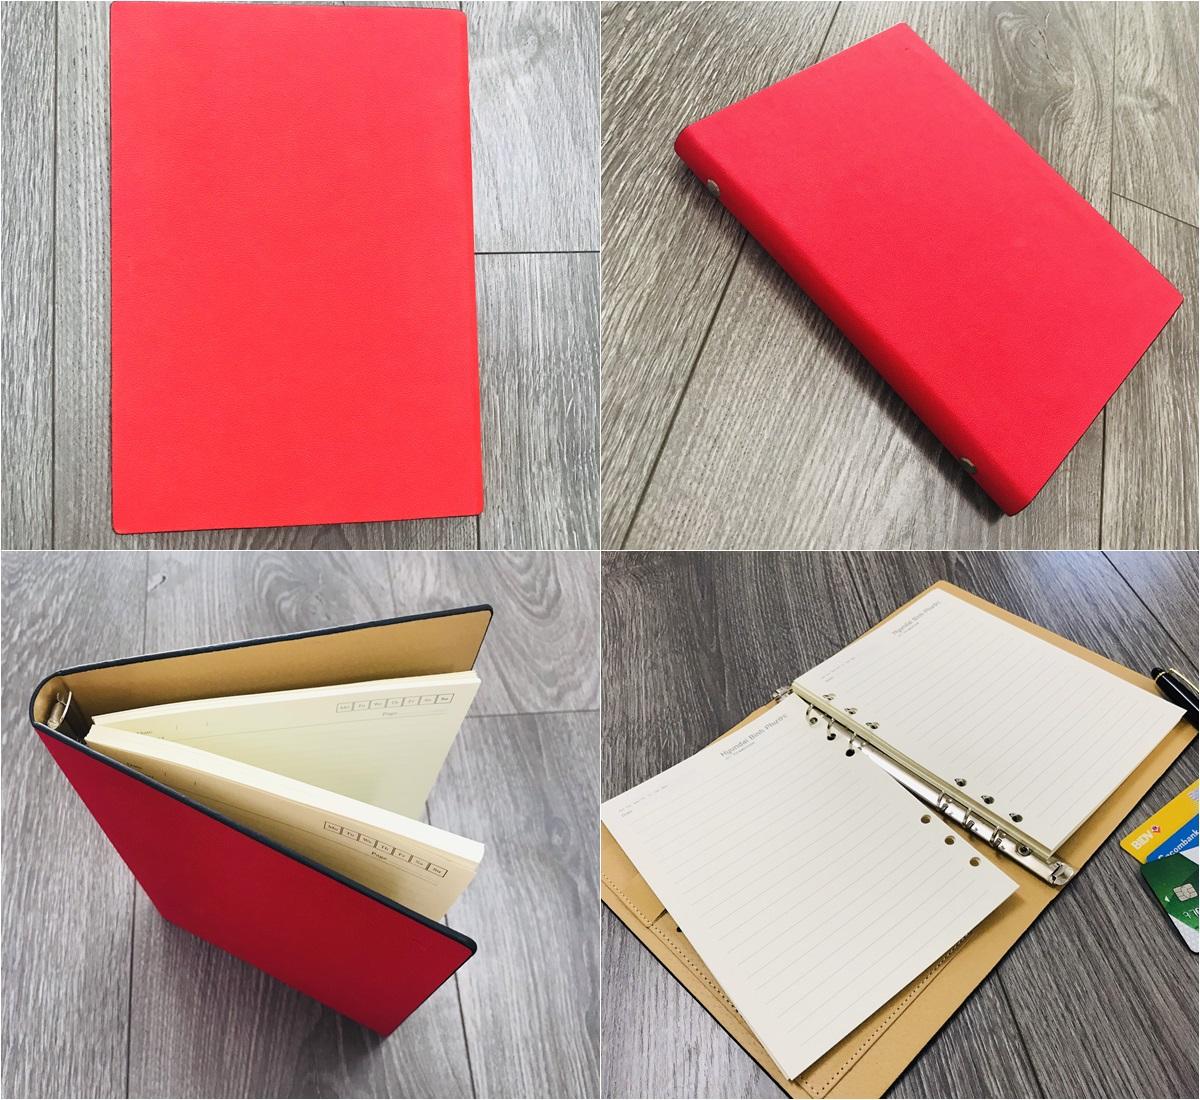 Mẫu sổ bìa da có sẵn mẫu LSA5-G2B màu đỏ